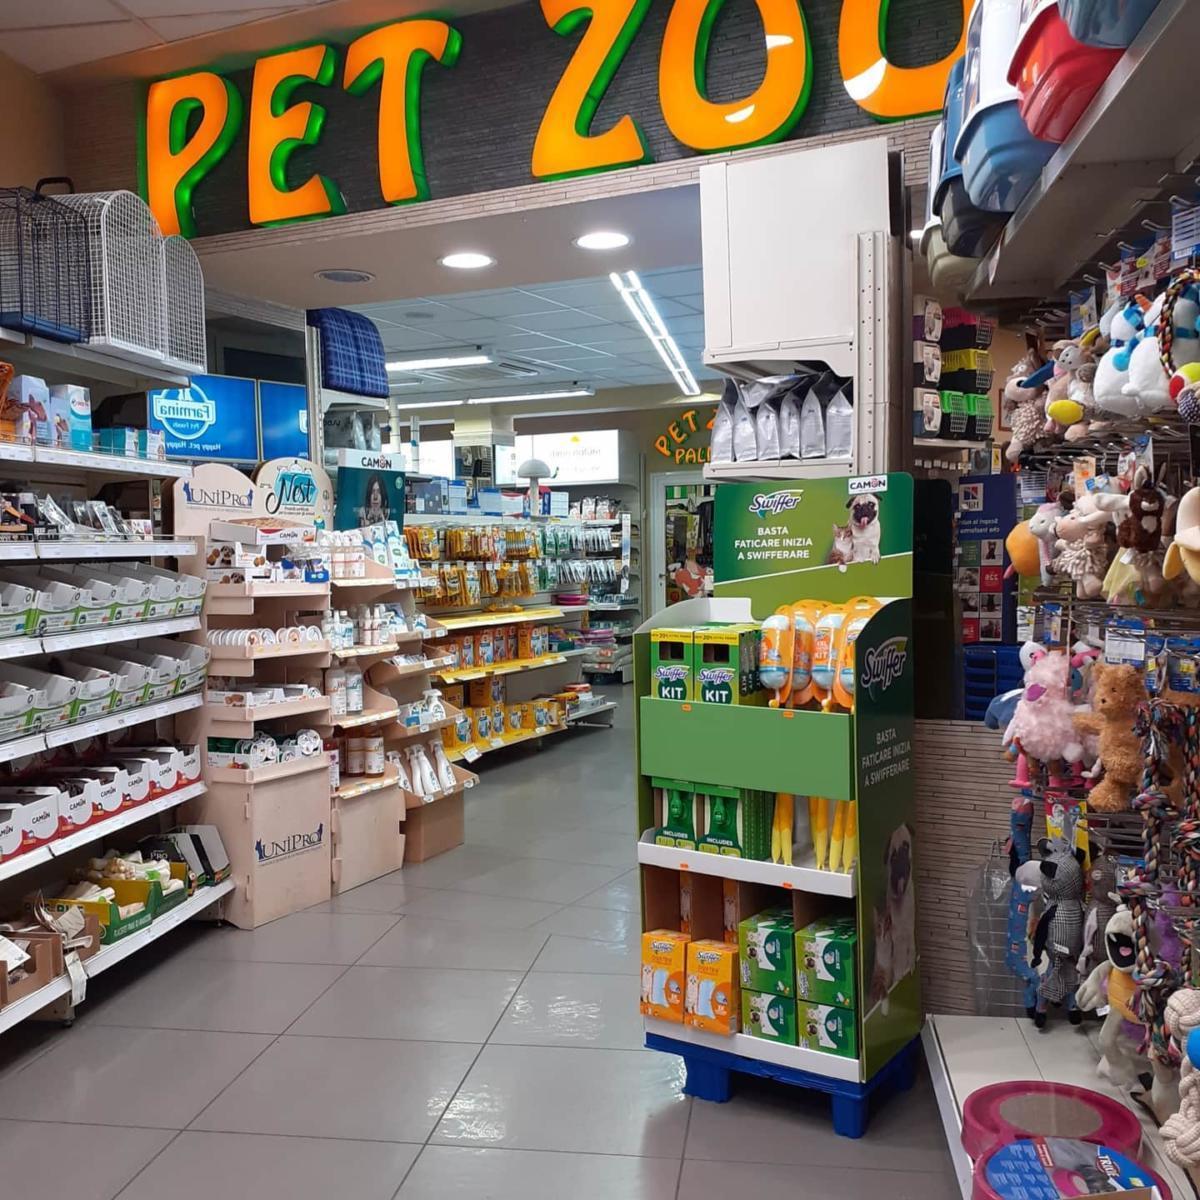 il negozio Petzoo roma